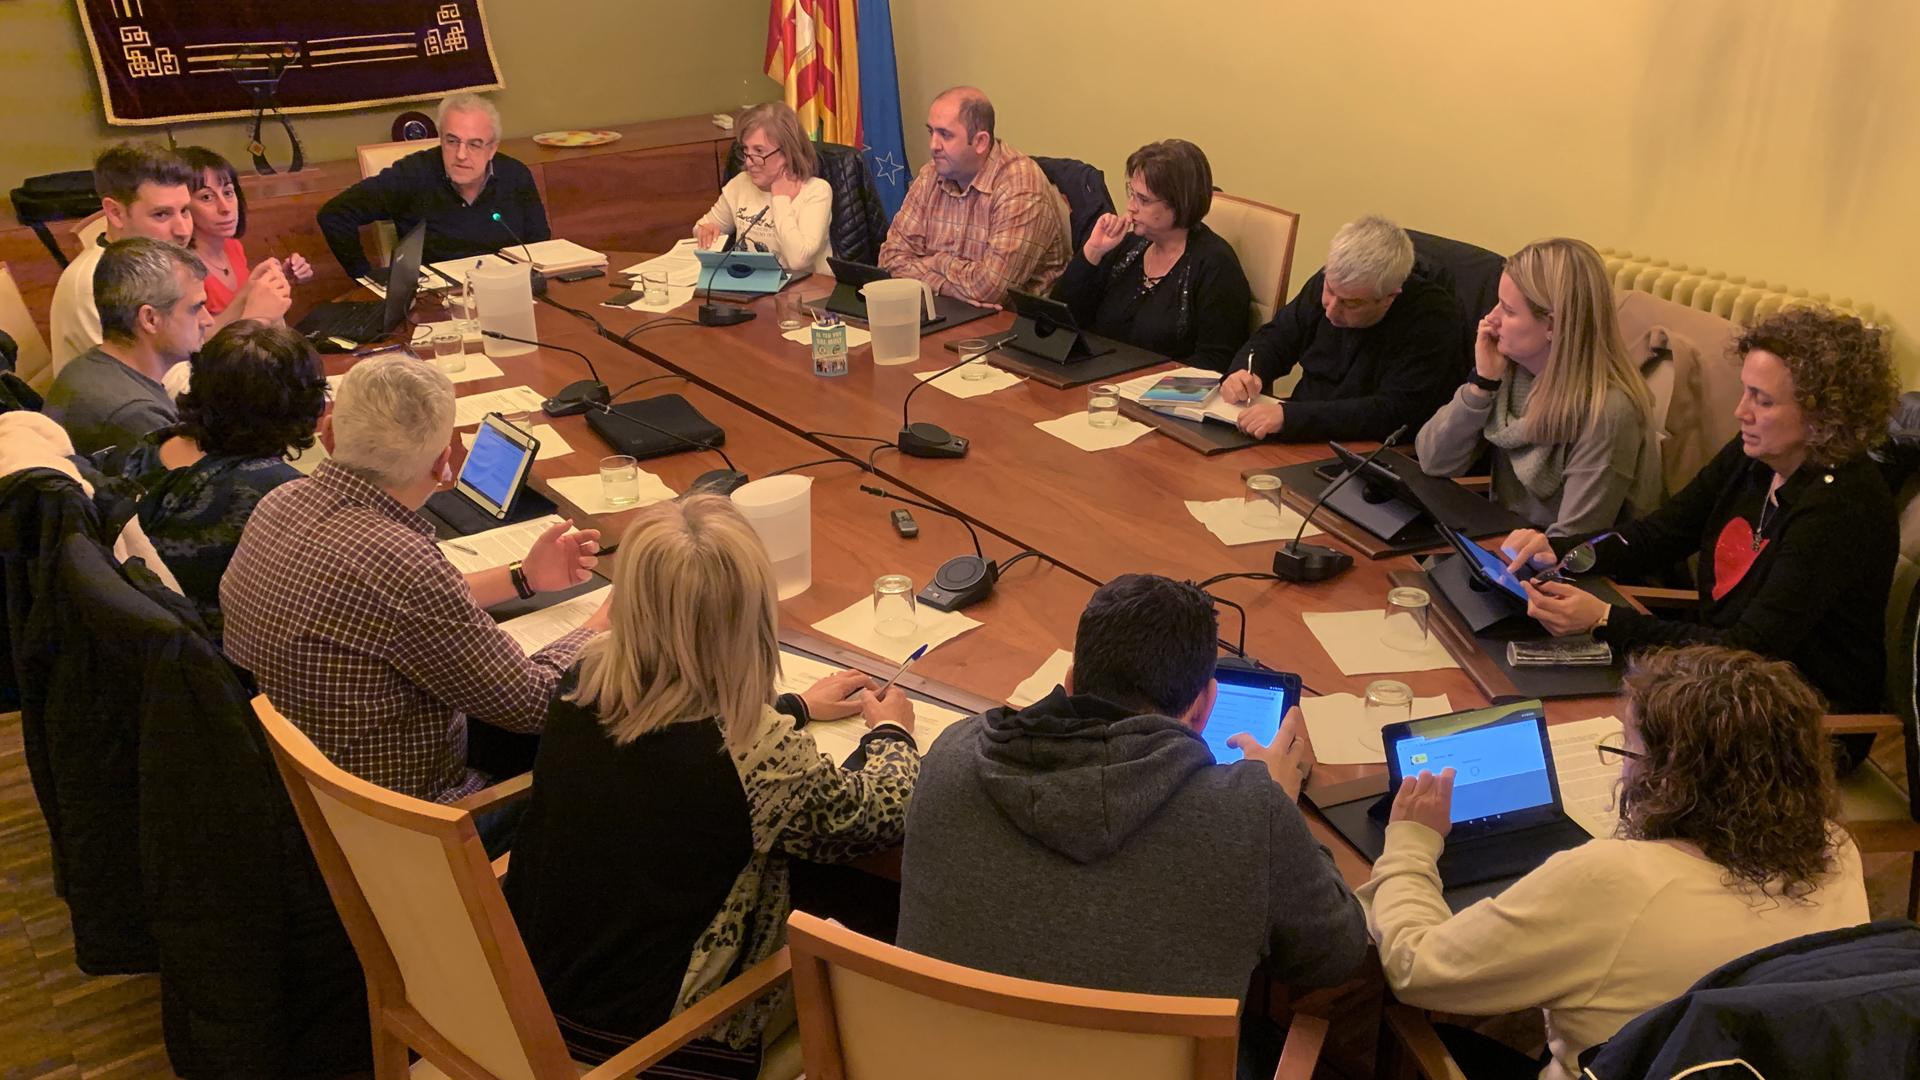 L'Ajuntament de les Borges s'adhereix al servei de videoconferència per als ens locals